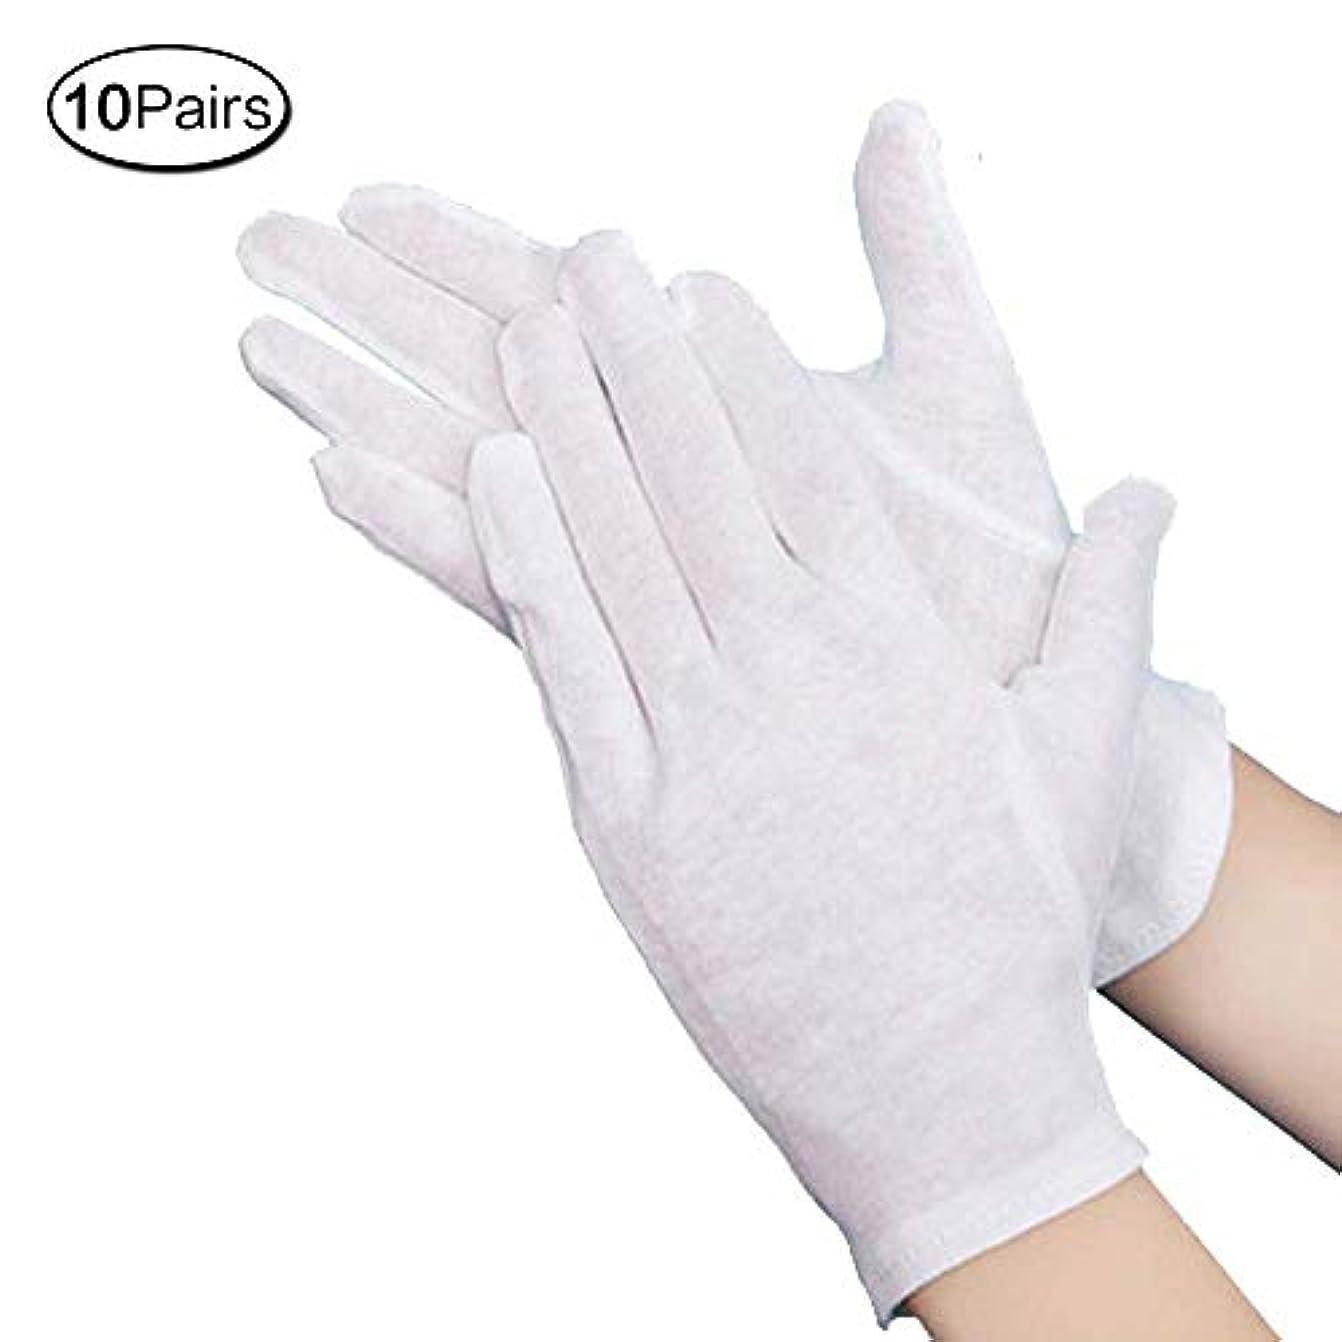 必要絶妙機関車綿手袋 純綿100% 通気性 コットン手袋 10双組 M